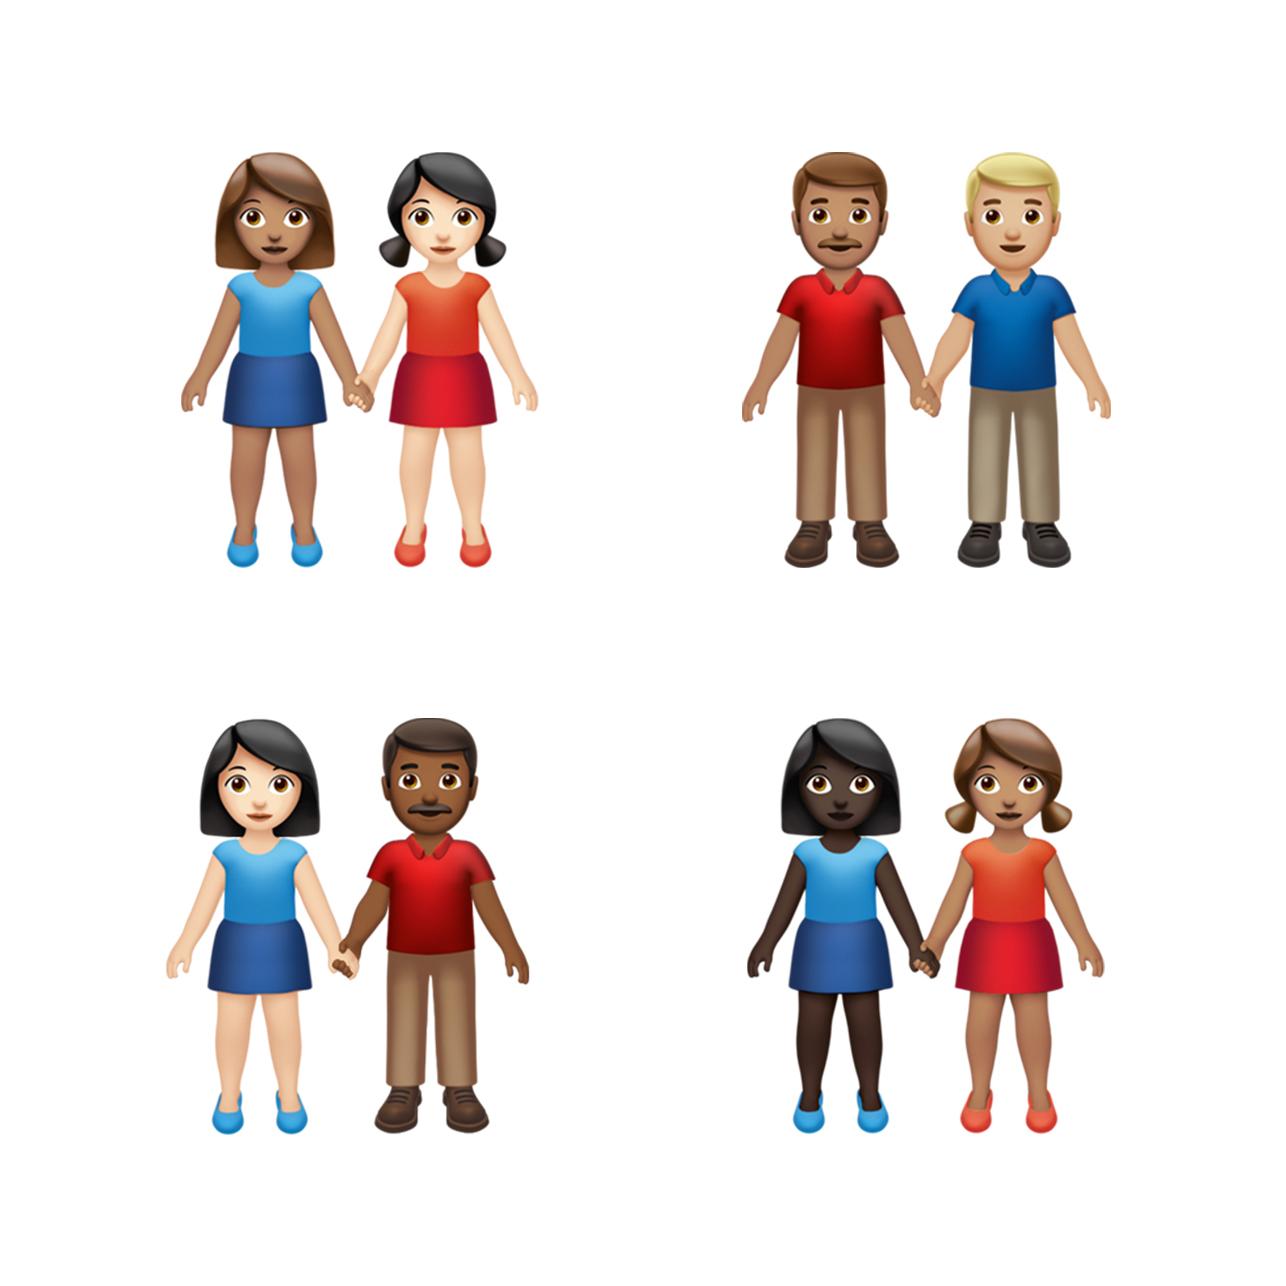 apple_emoji-day_gender-holding-hands_071619_5d306ead9d44c.jpg